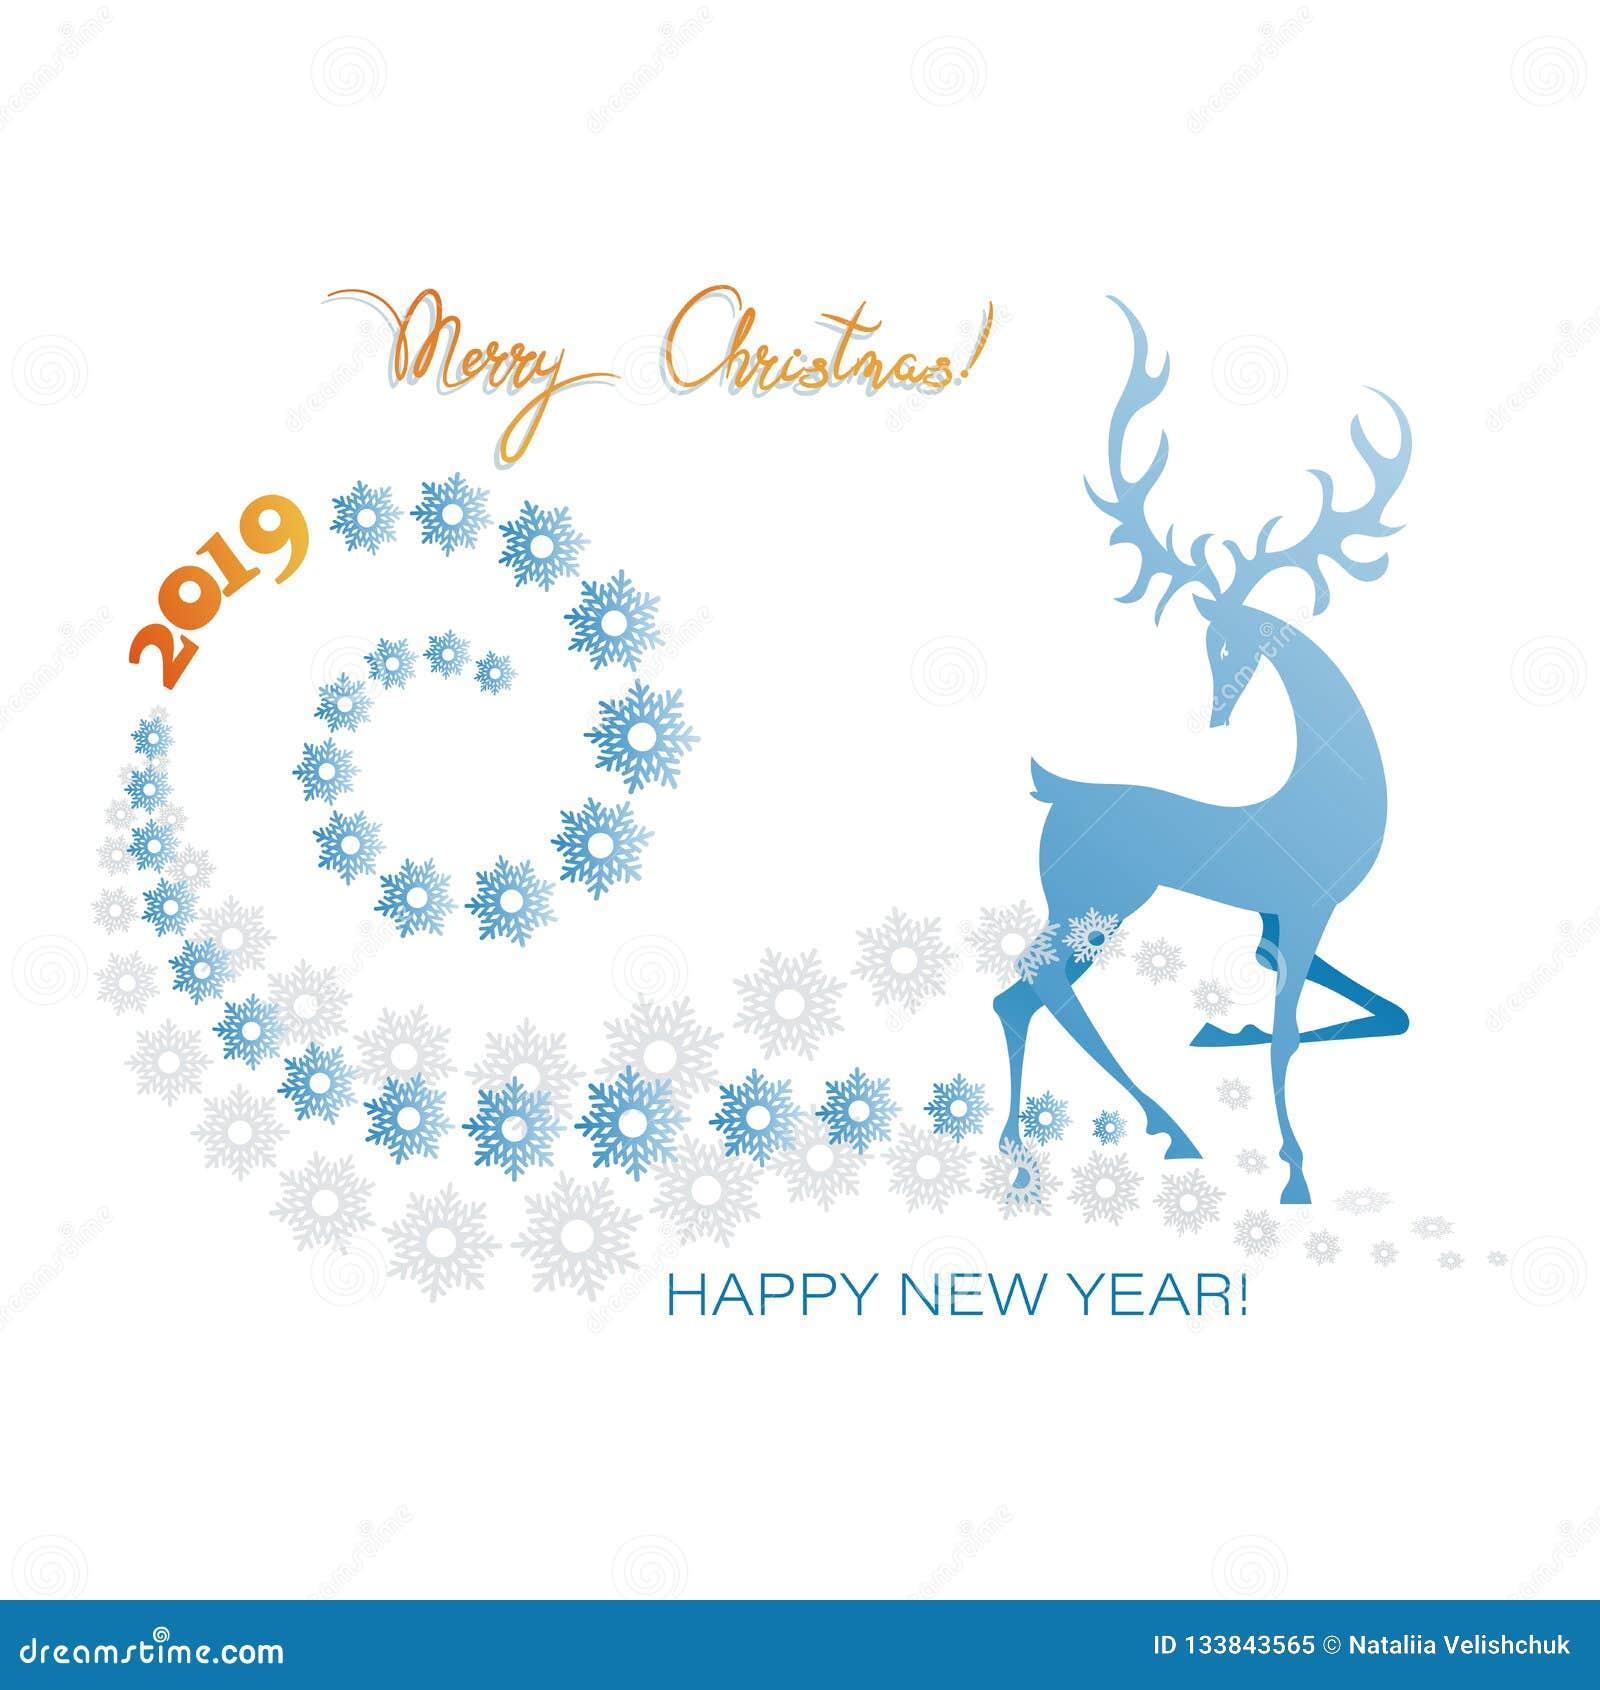 Ciervos del invierno ¡Feliz Navidad! ¡Feliz Año Nuevo 2019!